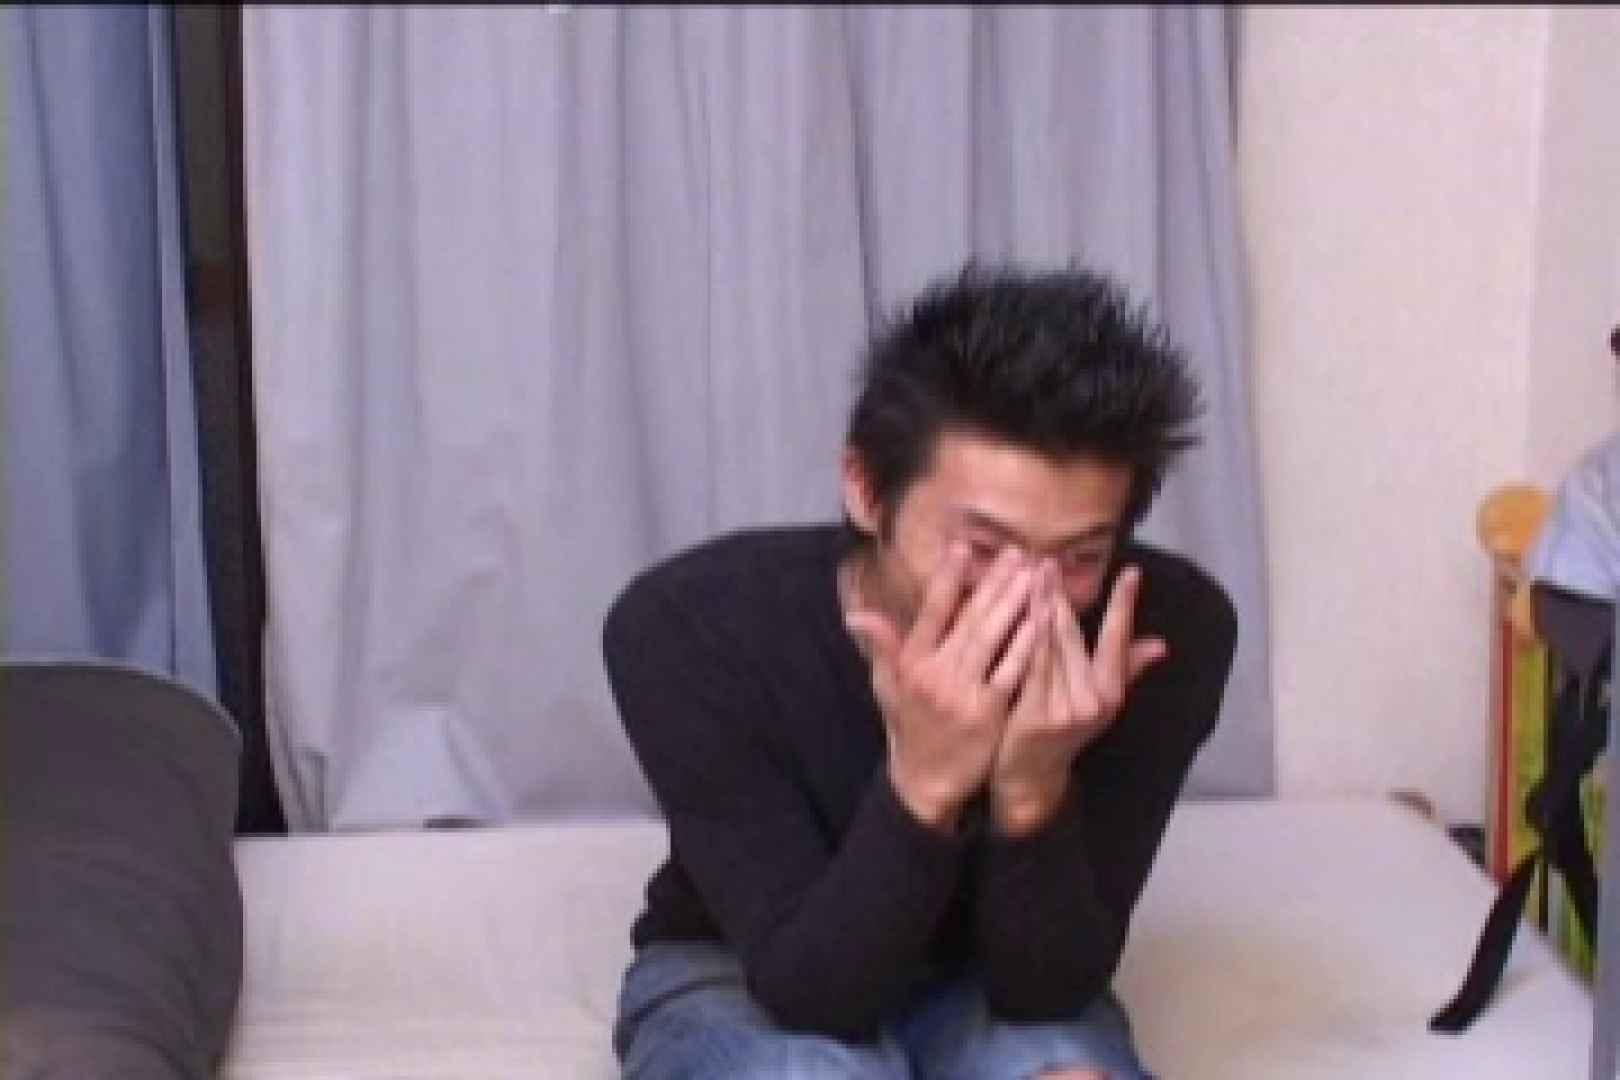 ノンケ君?まさかの初体験!!大学生のPVfile. Final day 男のゲイ天国 ゲイエロ動画 11枚 2